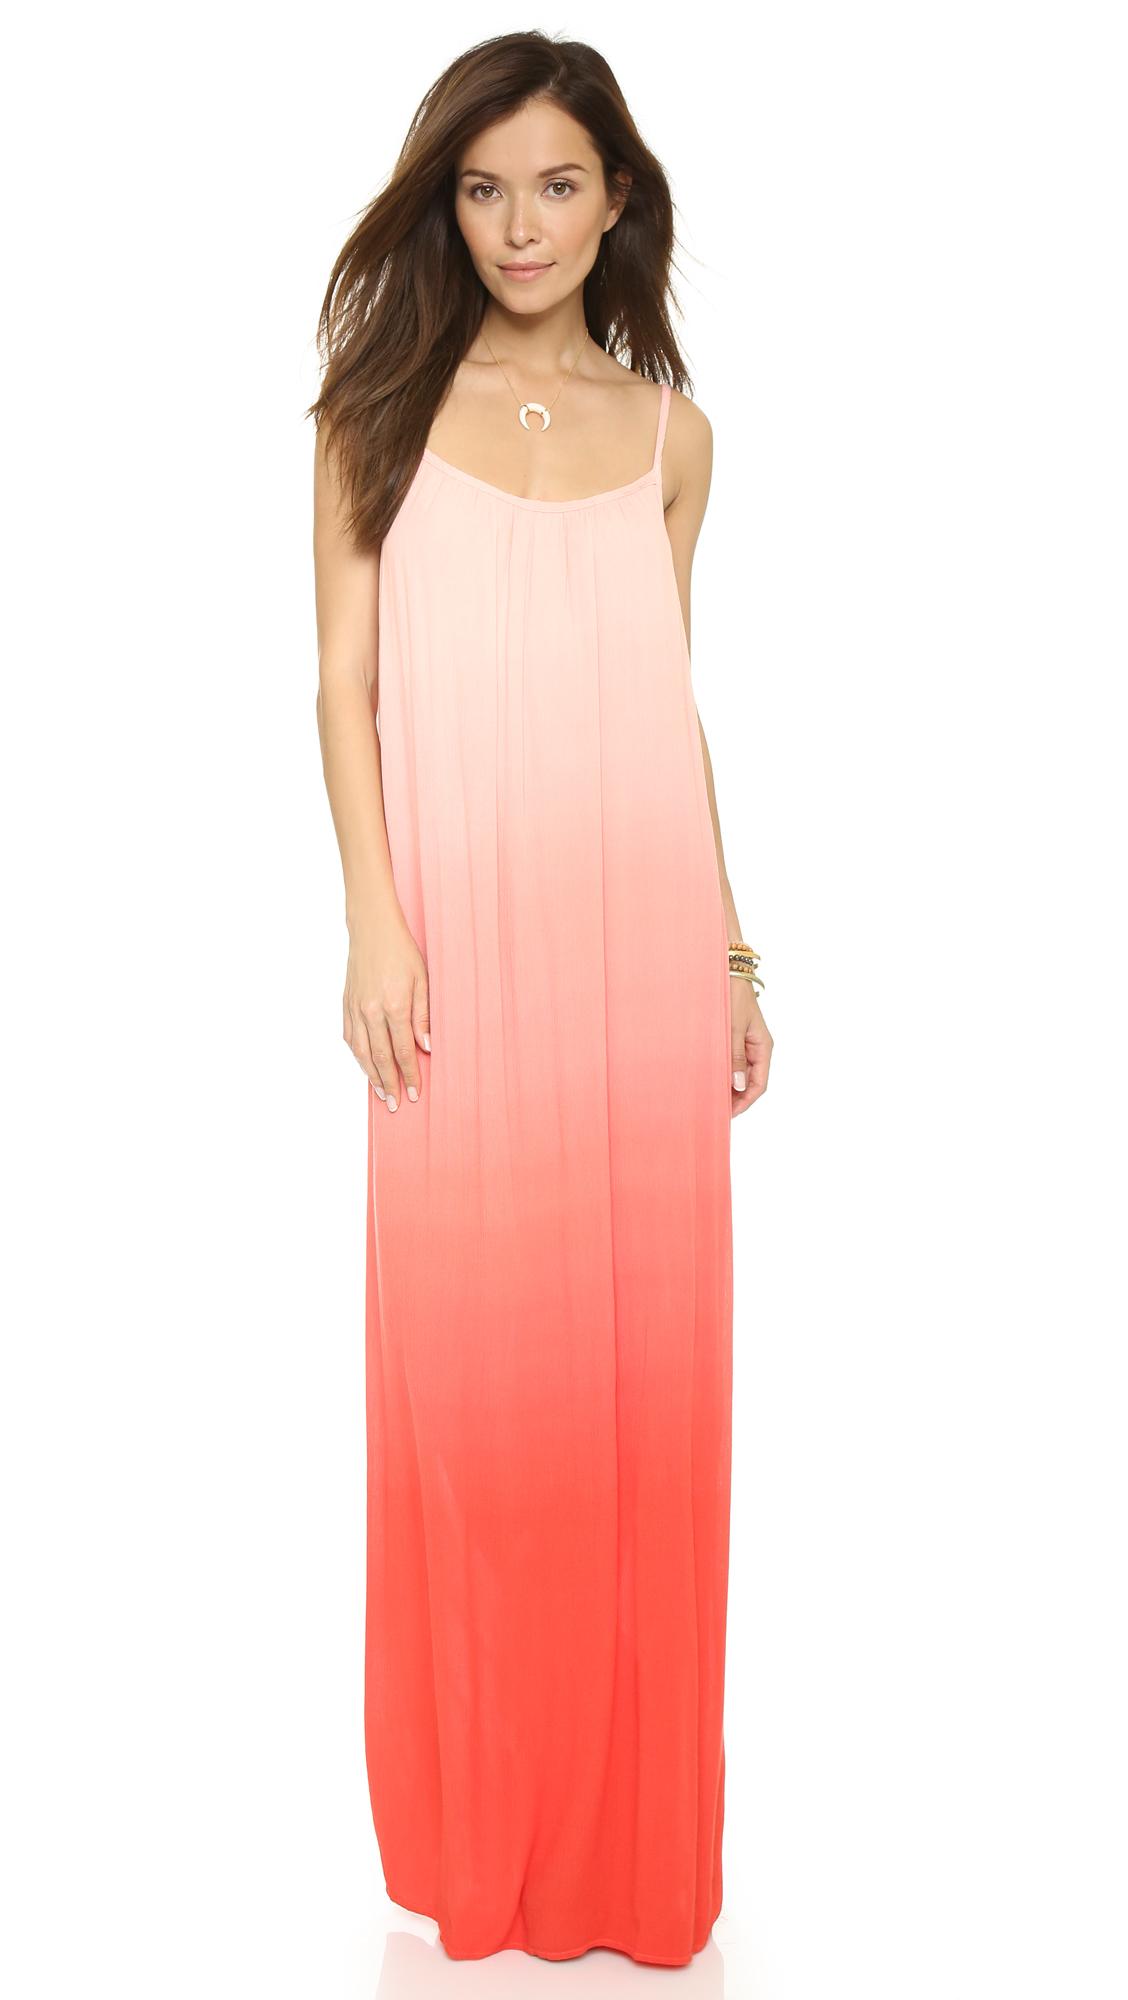 Pink Ombre Maxi Dress - Missy Dress